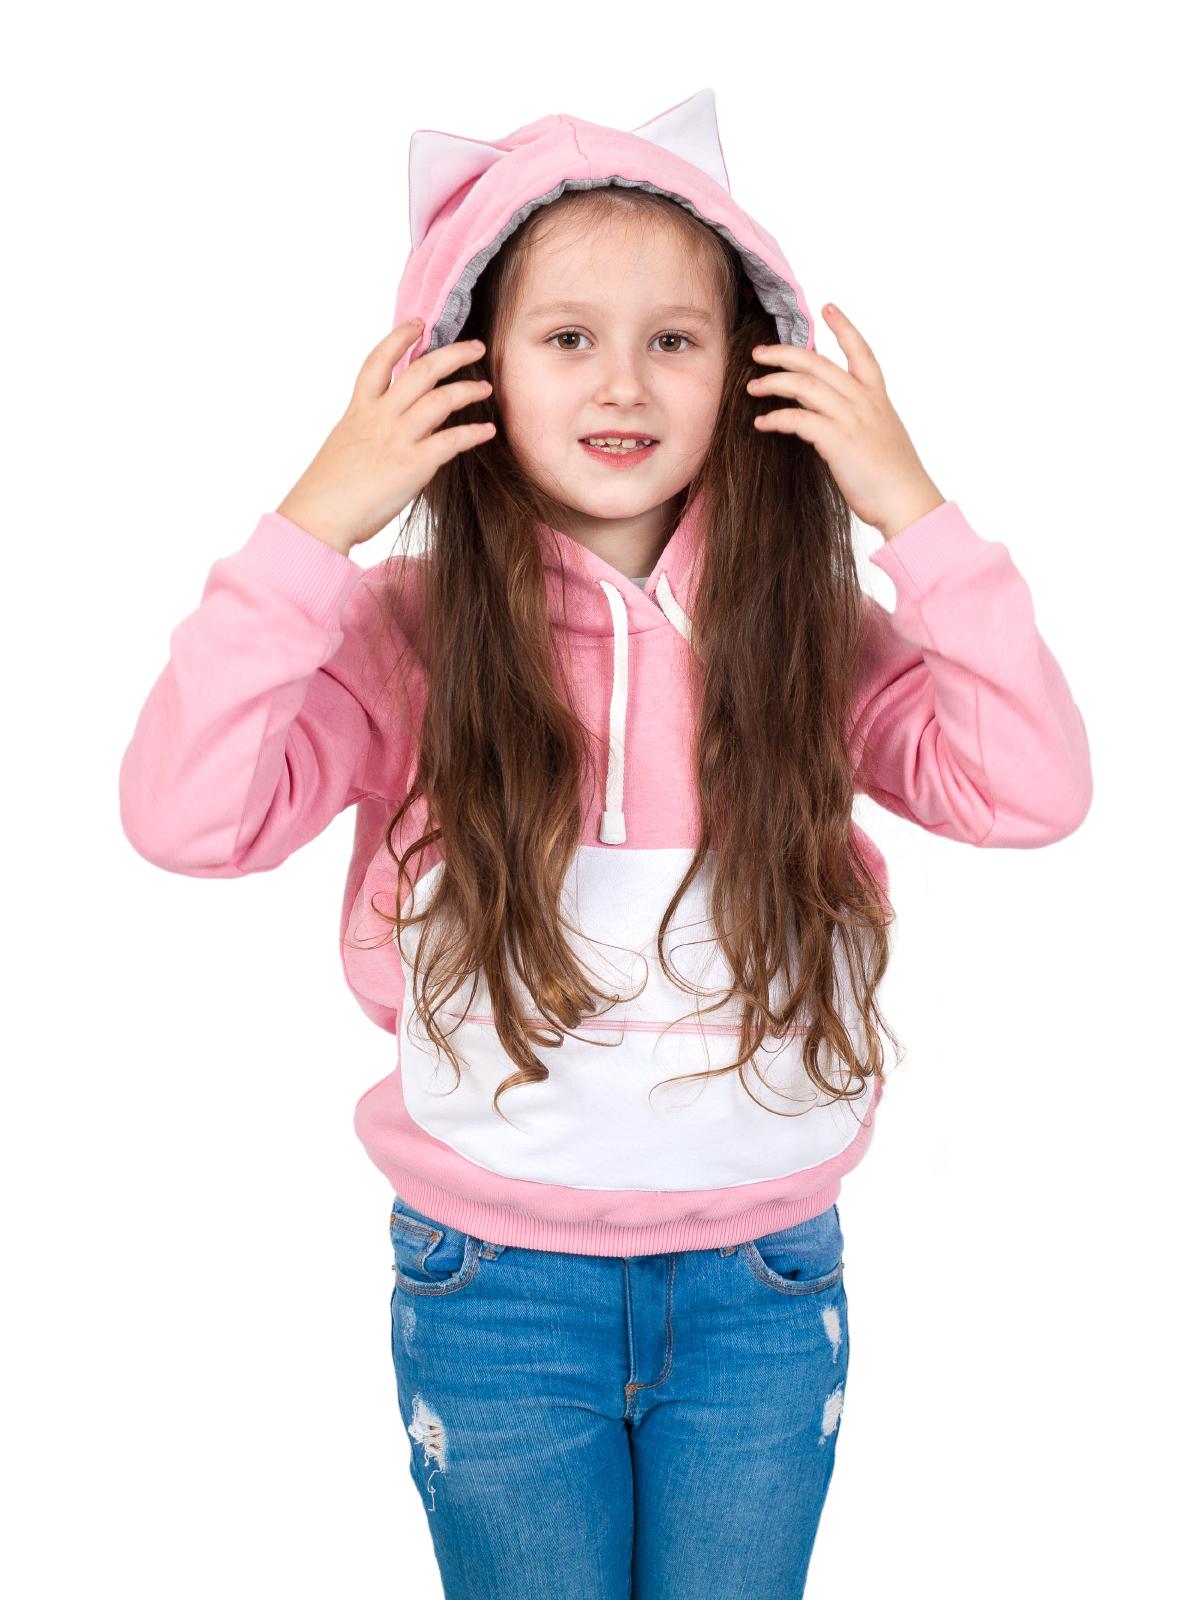 Купить Толстовка 2 в 1 с игрушкой, Обликулс Next 2 в 1: Толстовка с капюшоном Лео и Тиг «Редьяра Pink», цв. Розовый, р.134, Oblicools,